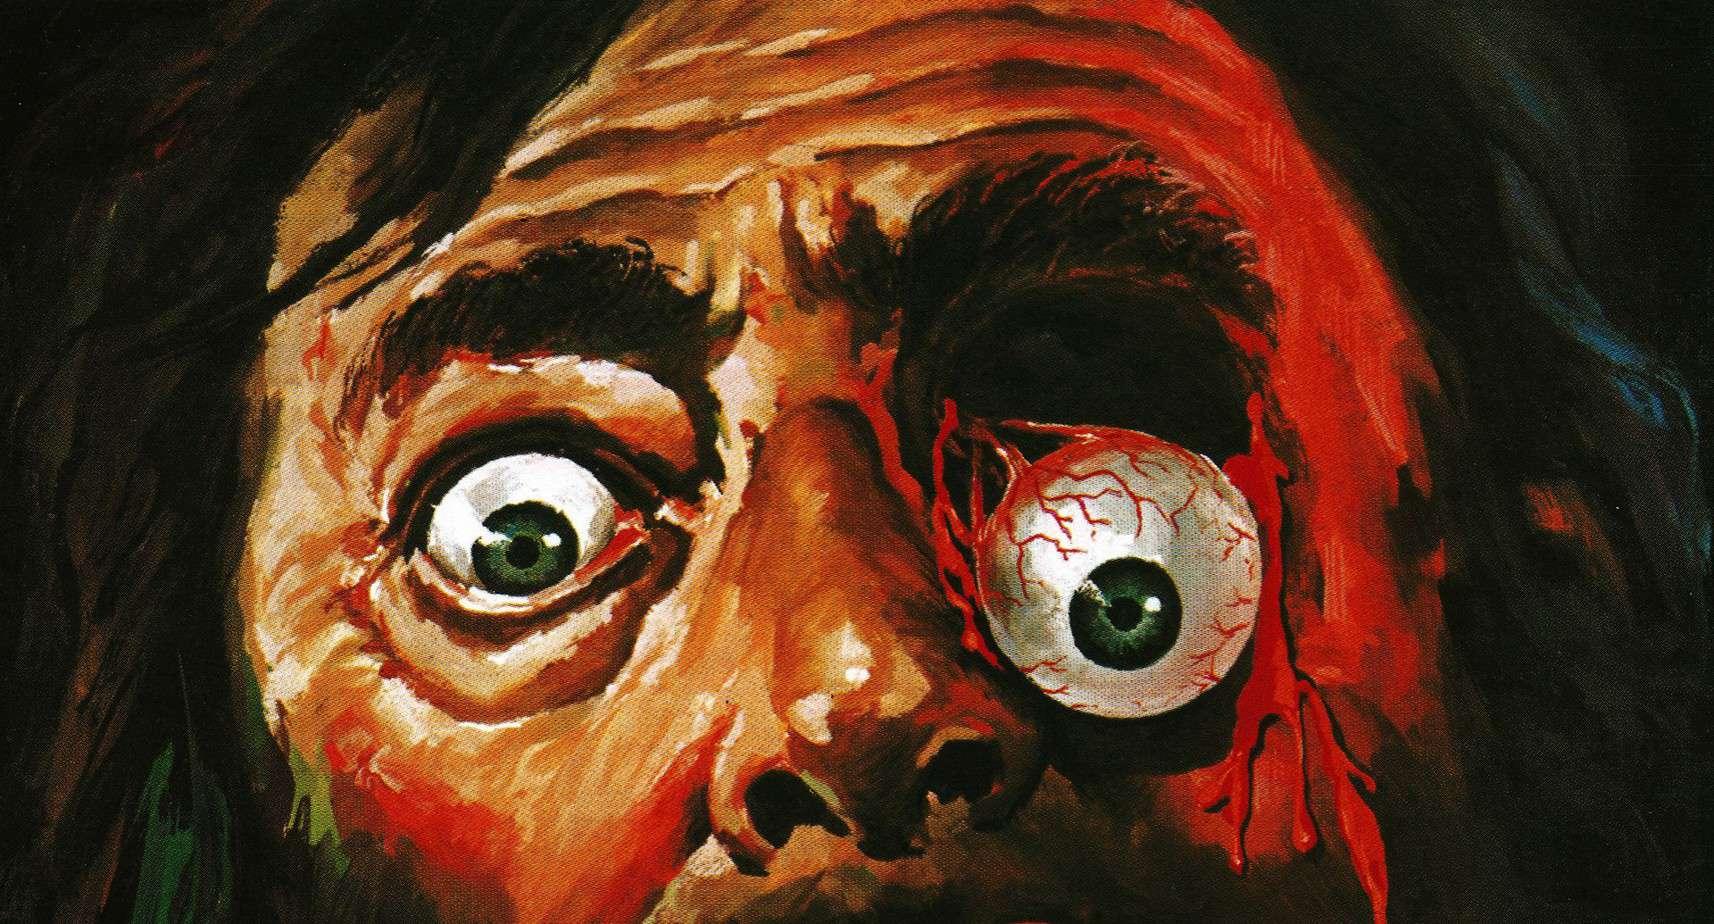 virus_1980_poster_02